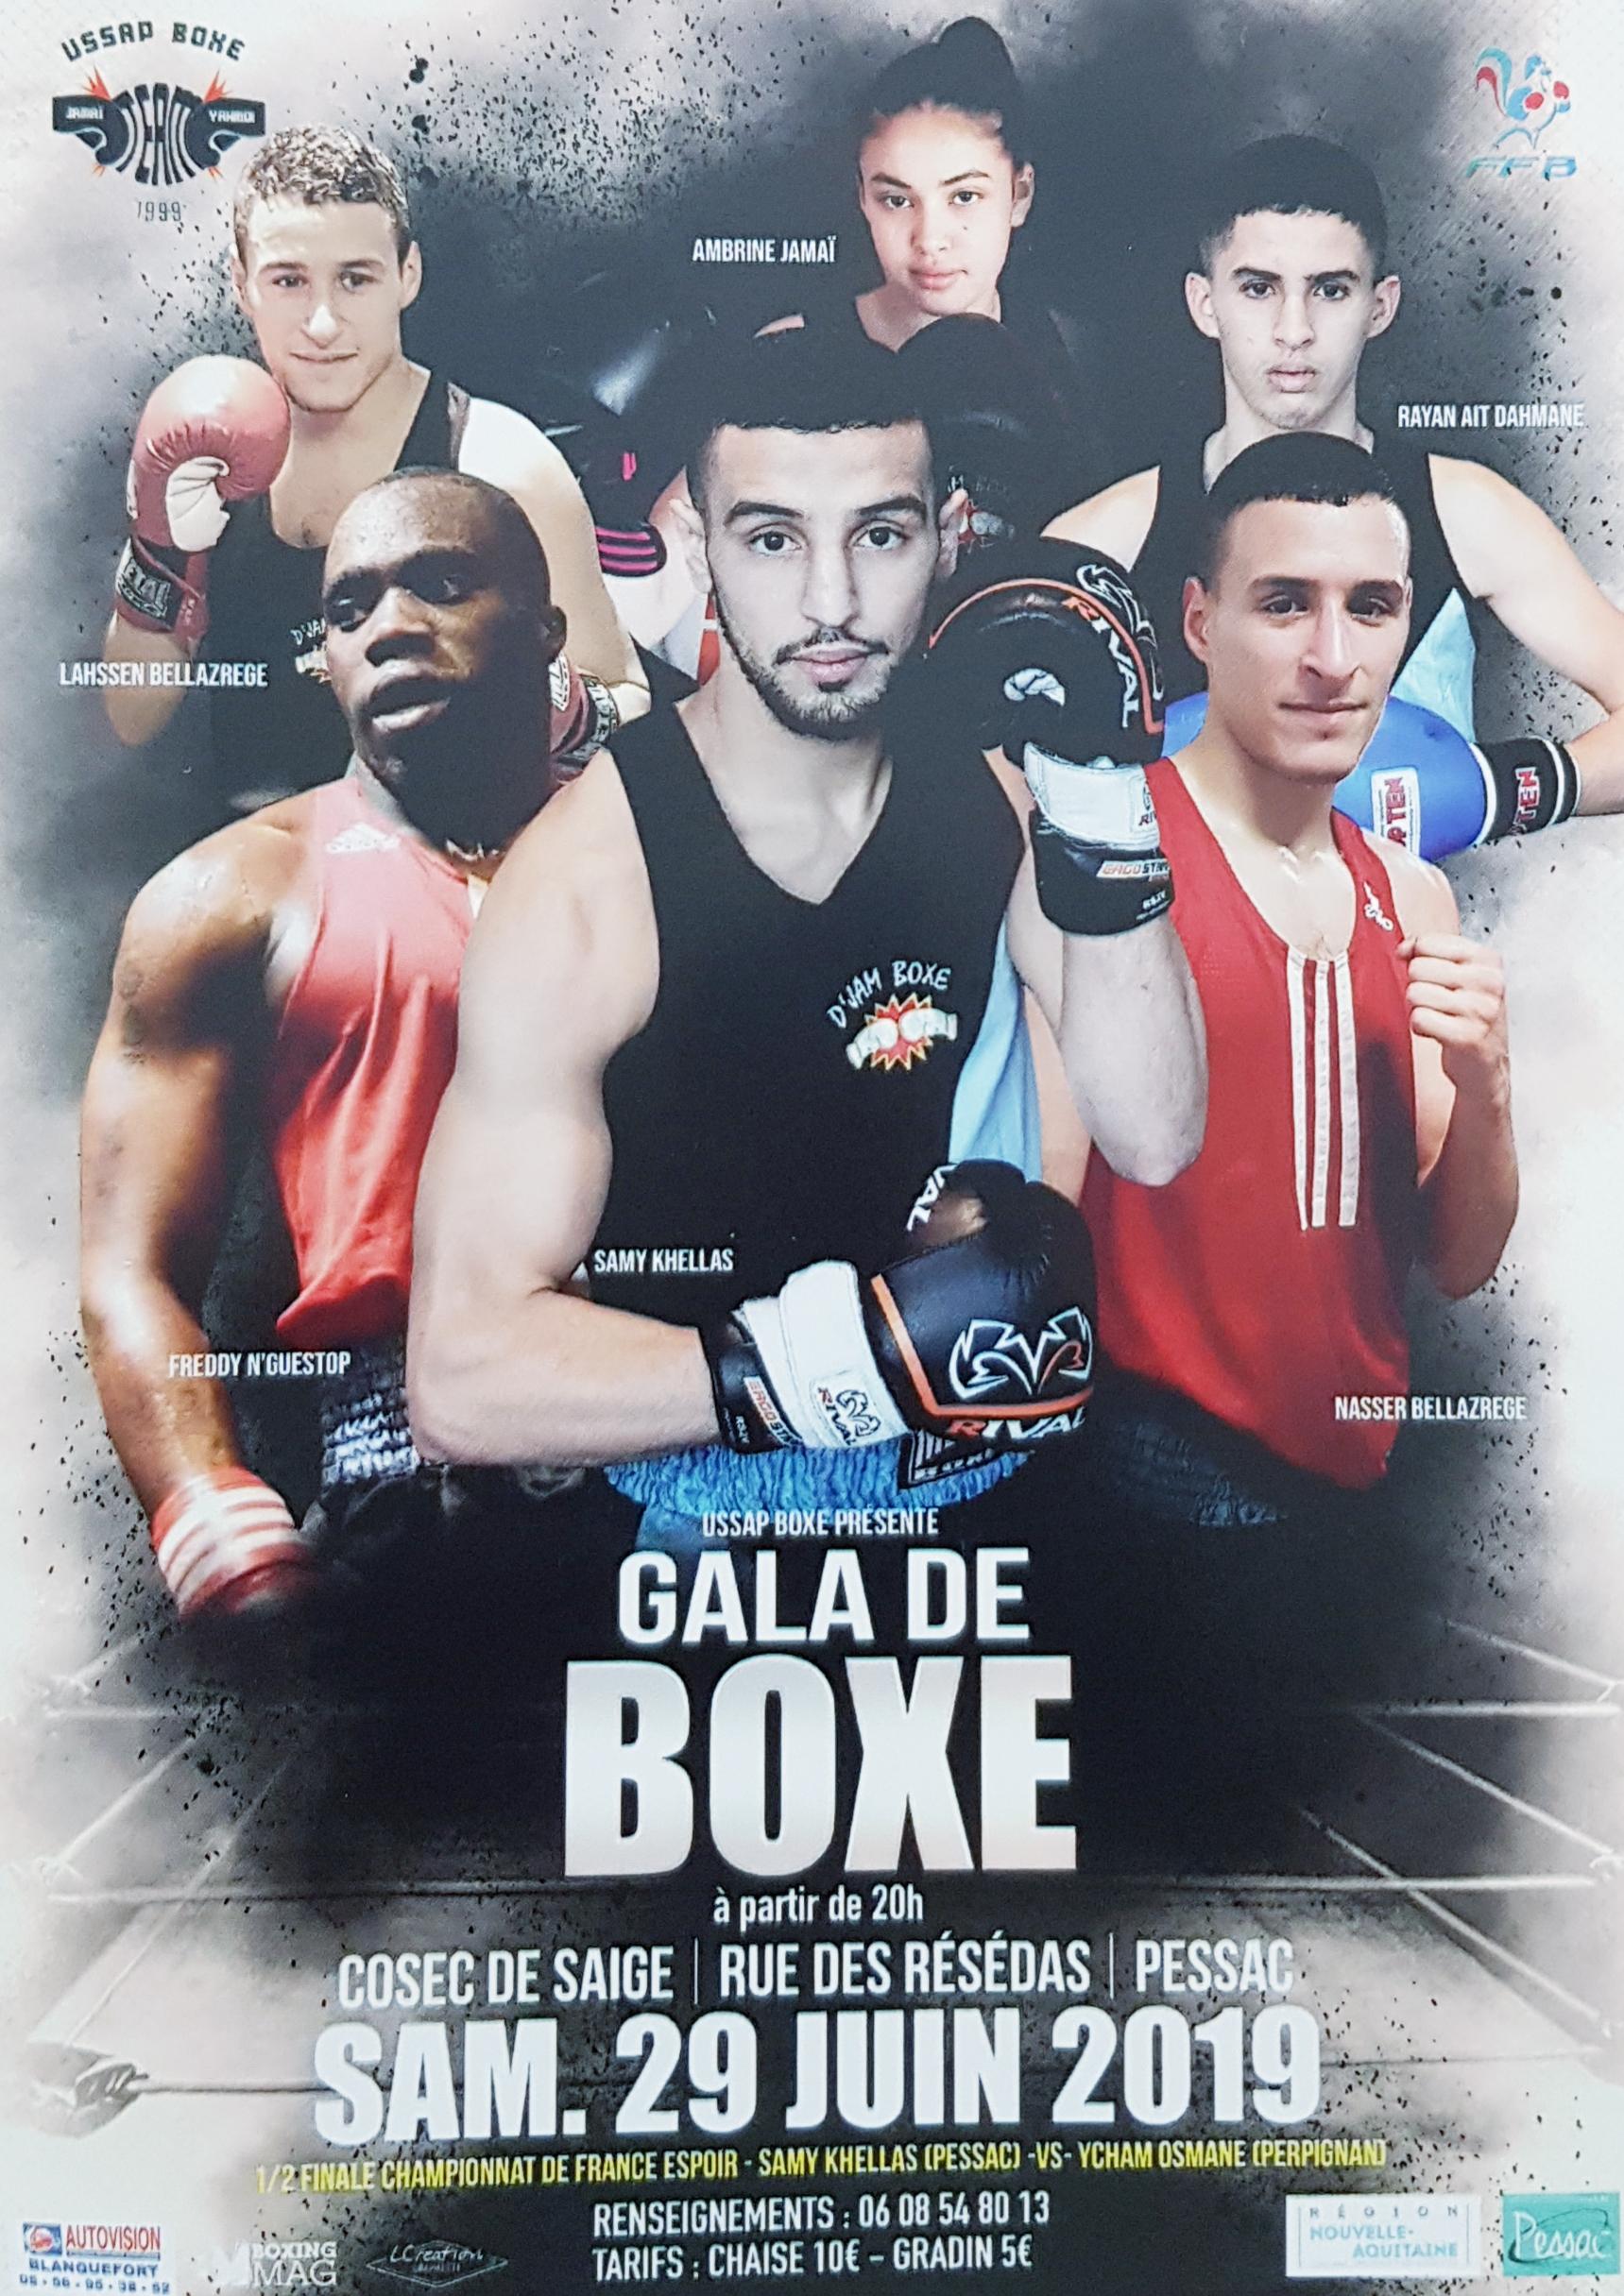 Gala de boxe – 29 Juin 2019